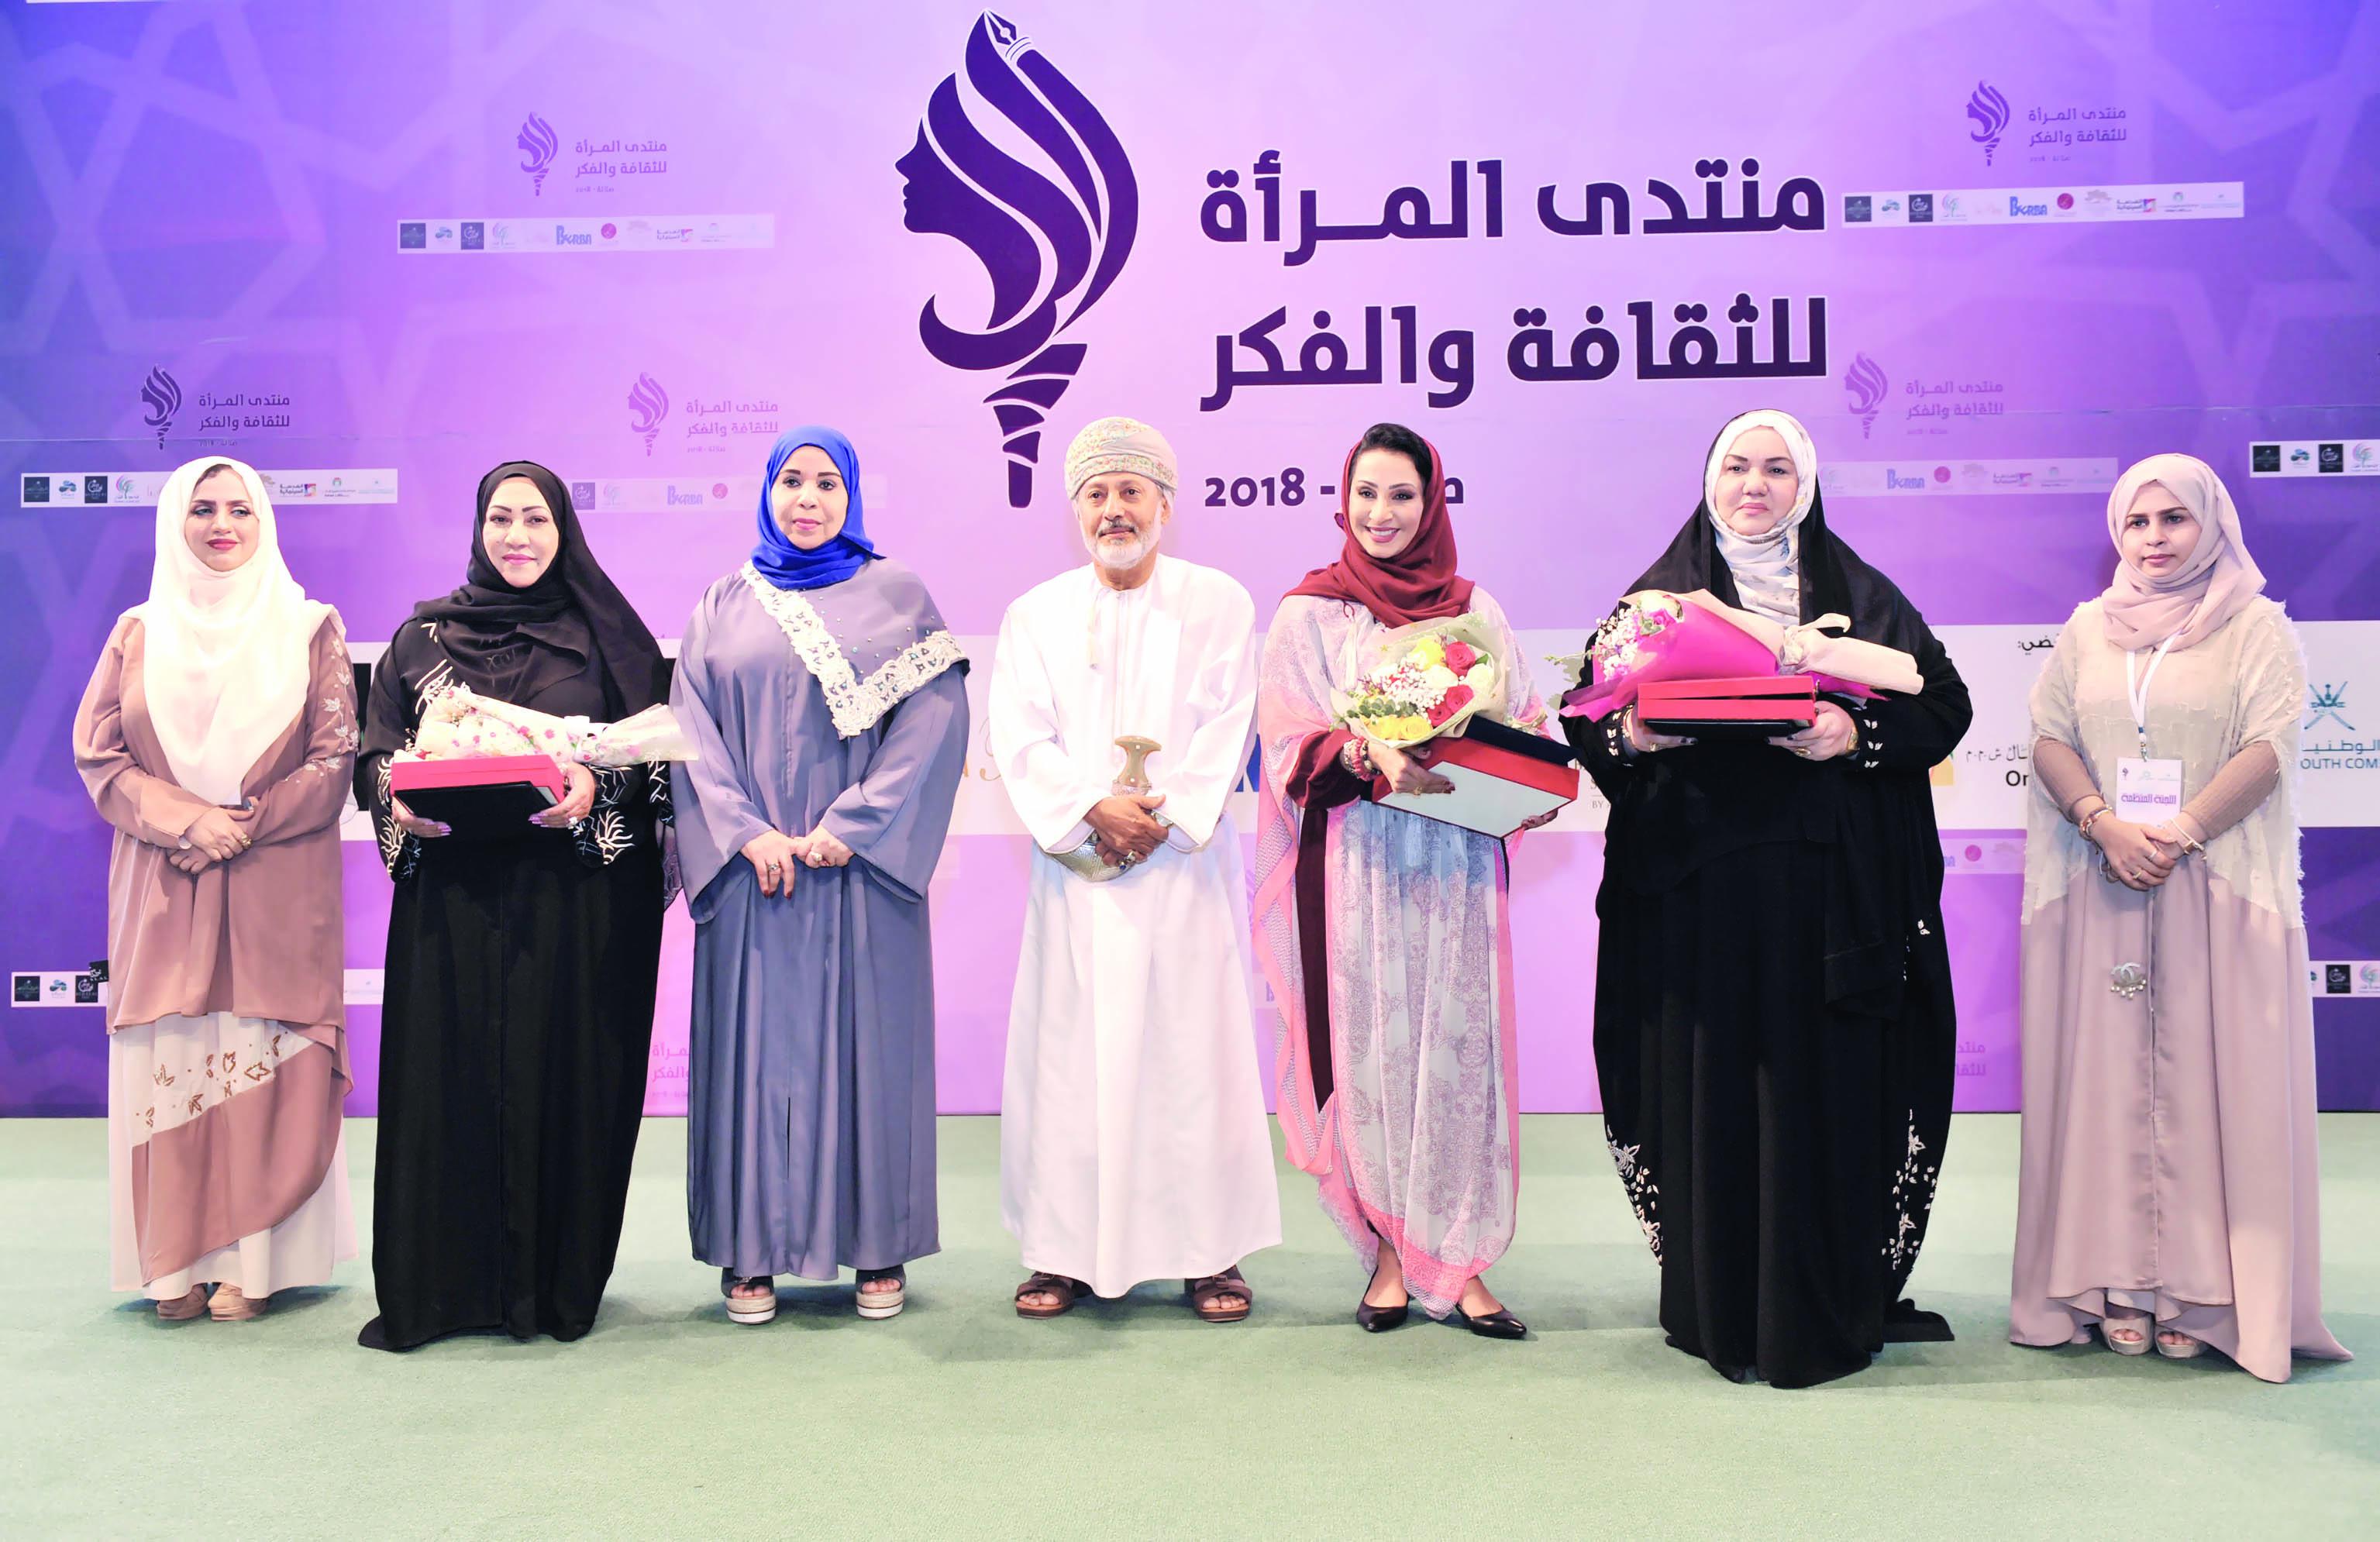 افتتاح فعاليات منتدى المرأة للثقافة والفكر